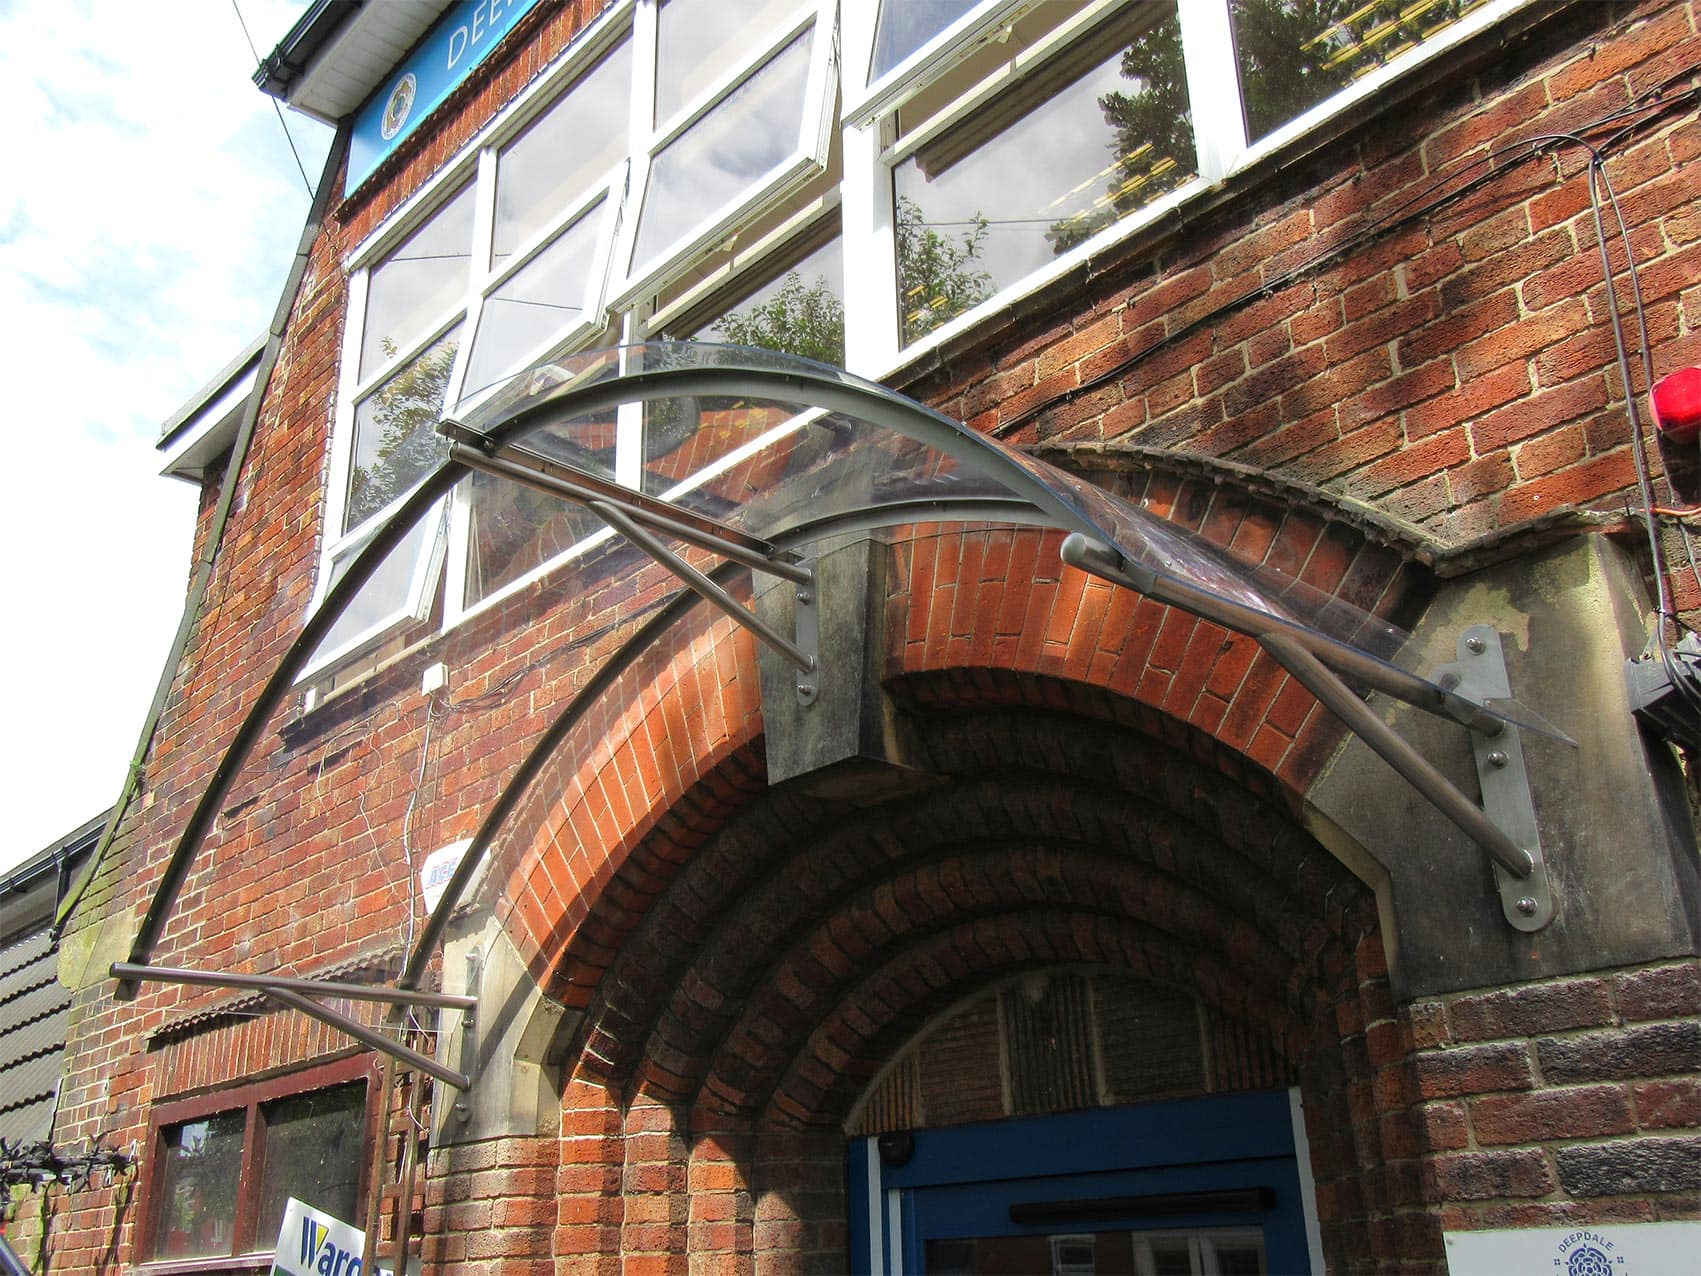 Bespoke canopy, deepdale by Bollard Street, UK Street Furniture Specialists